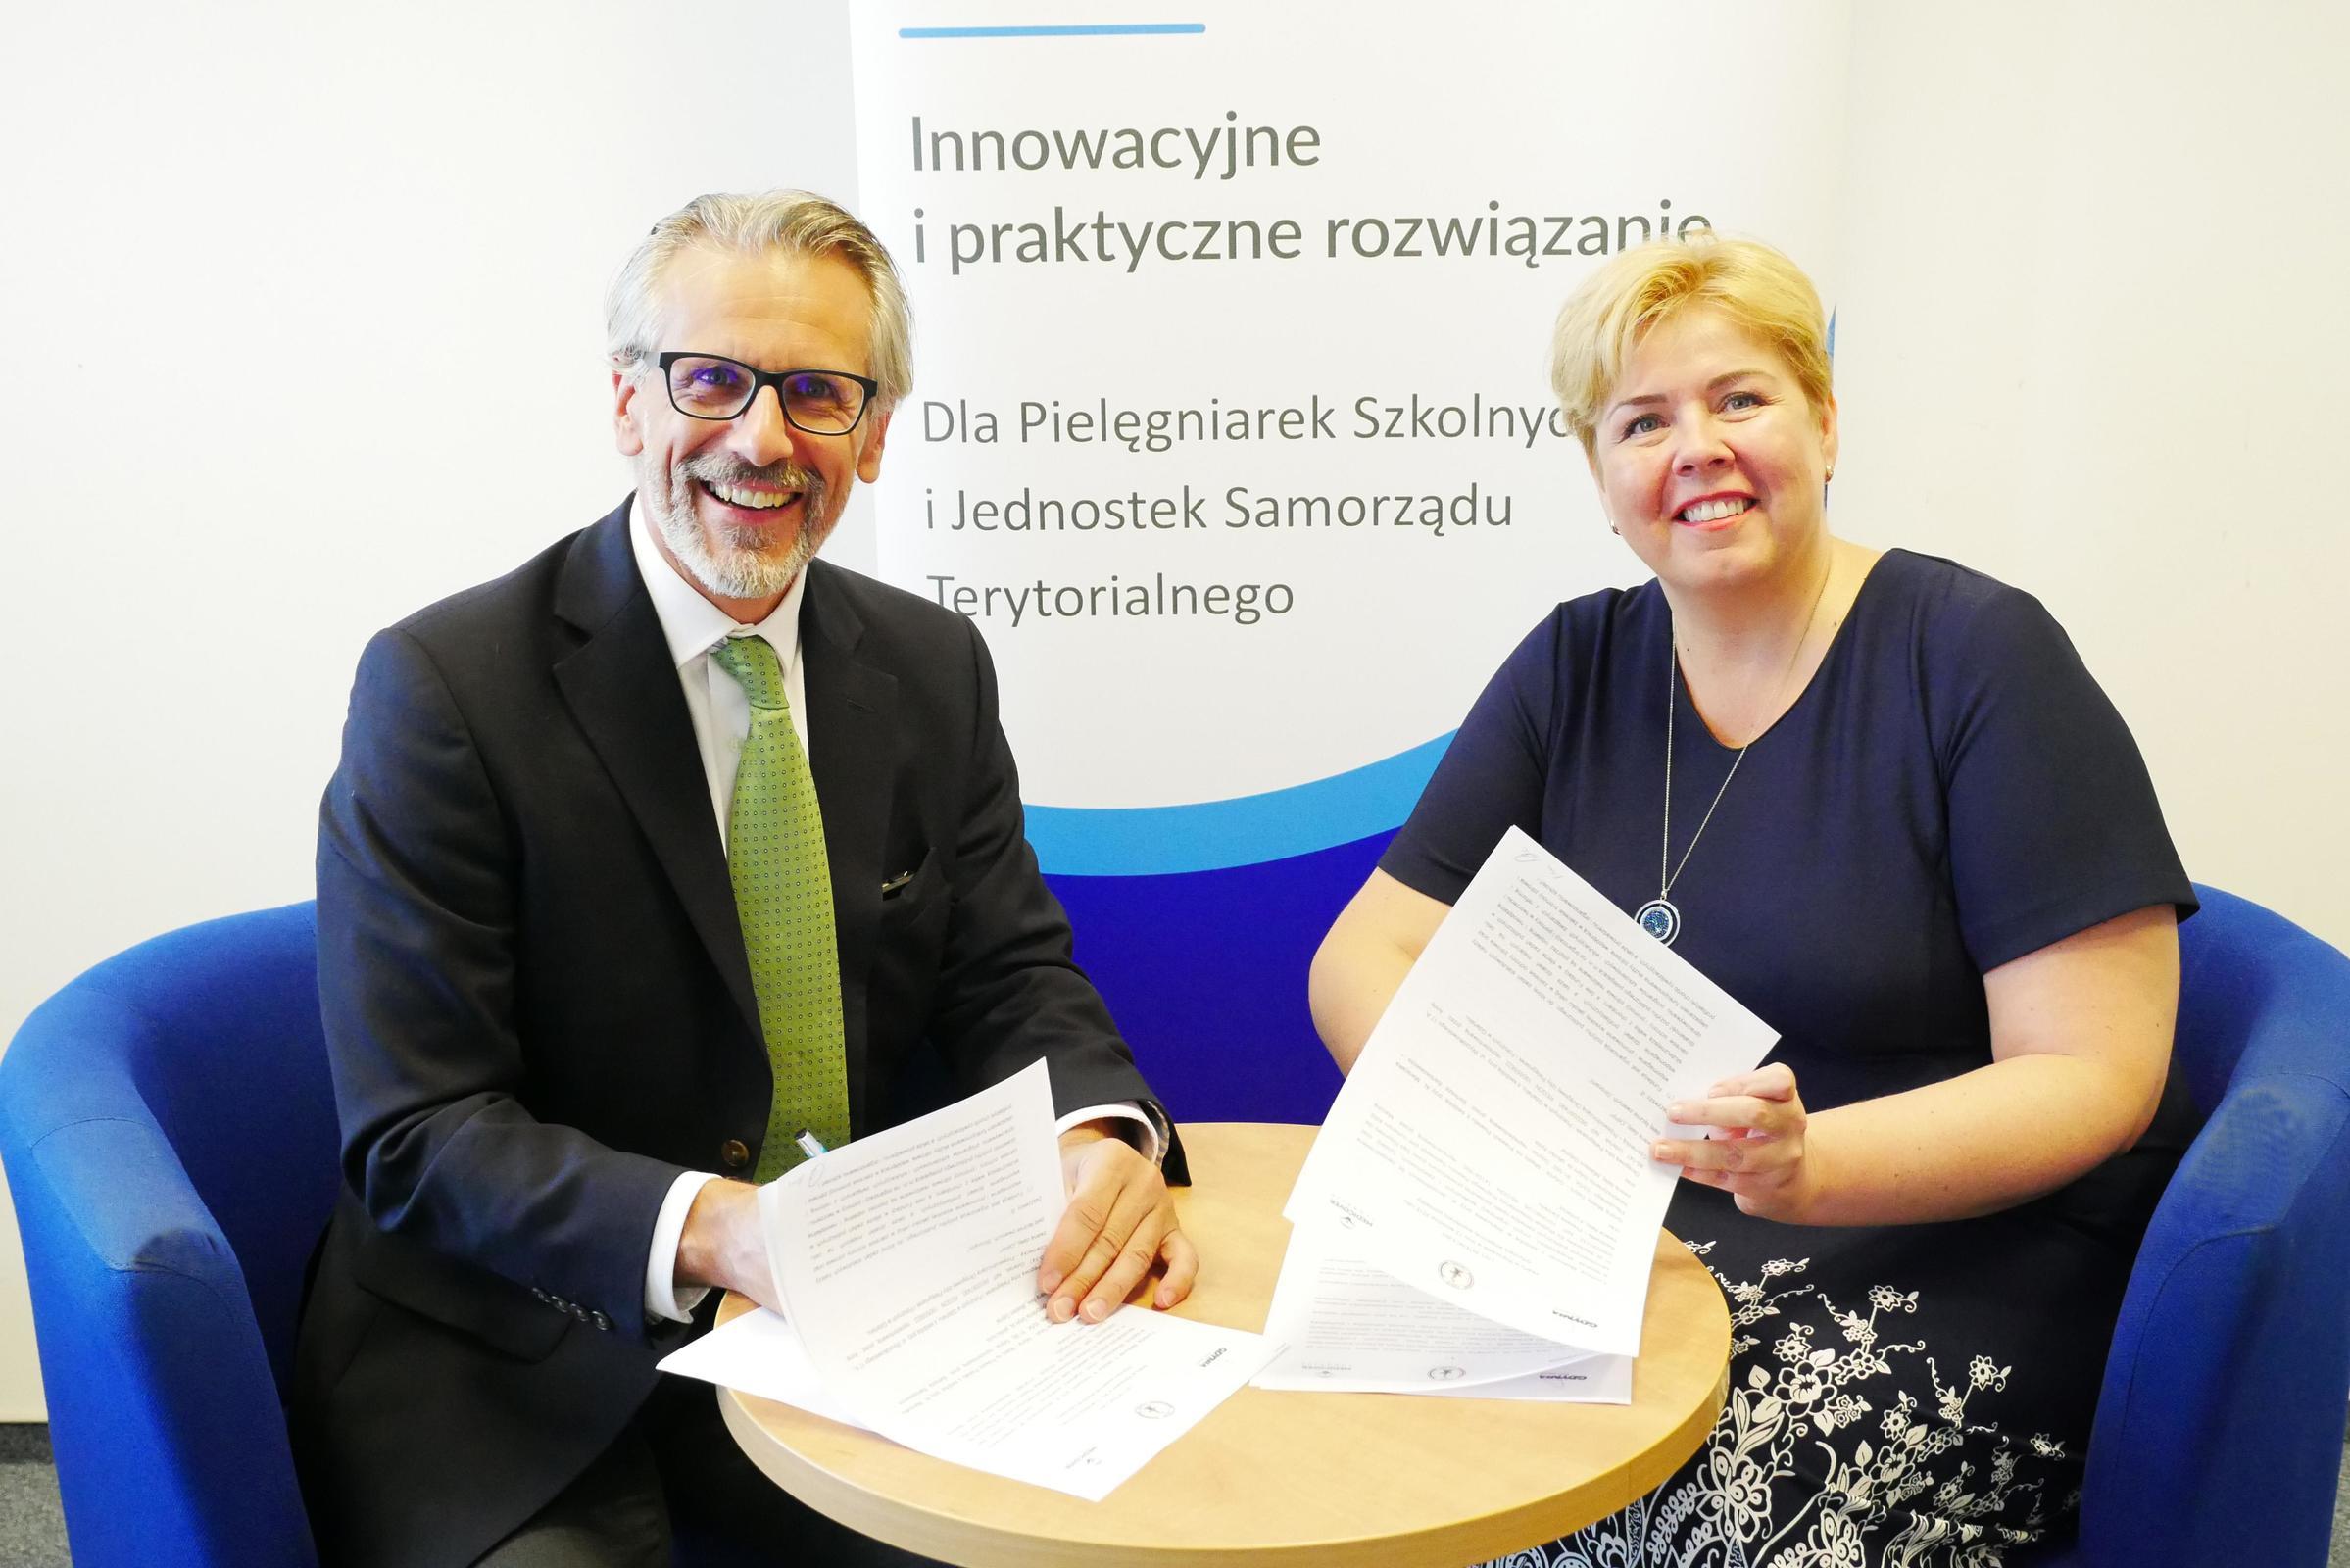 Od lewej: Marcin Radziwiłł, prezes Fundacji Medicover i Anna Czarnecka, przewodnicząca Okręgowej Izby Pielęgniarek i Położnych w Gdańsku, fot. materiały prasowe